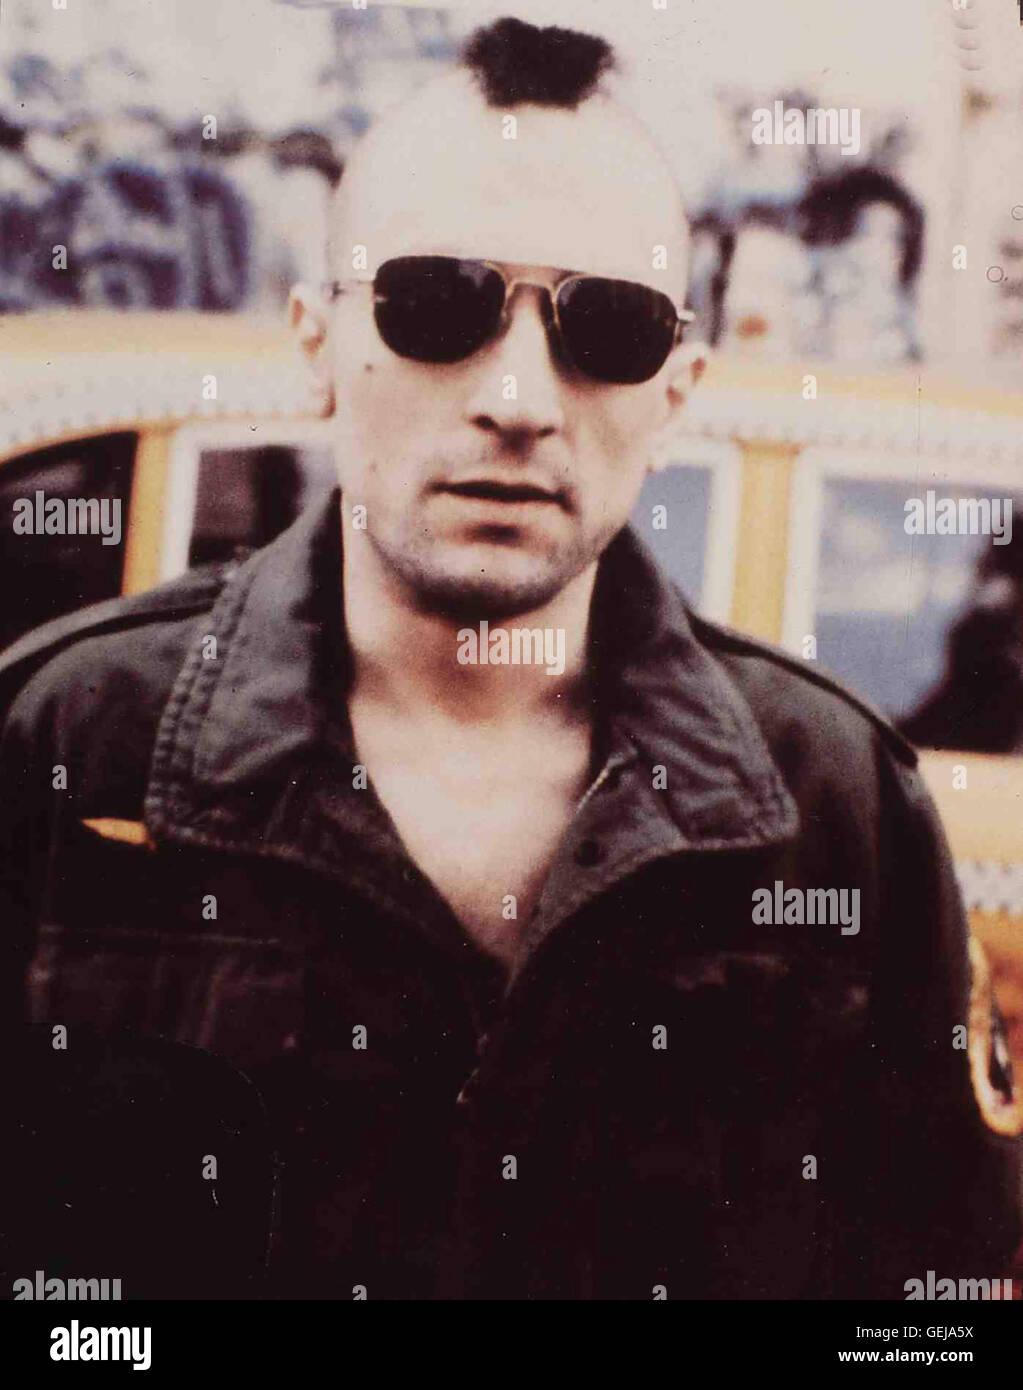 Travis (Robert De Niro) *** légende locale *** 1976, 1990er, années 90, Film, chauffeur de taxi, chauffeur Photo Stock